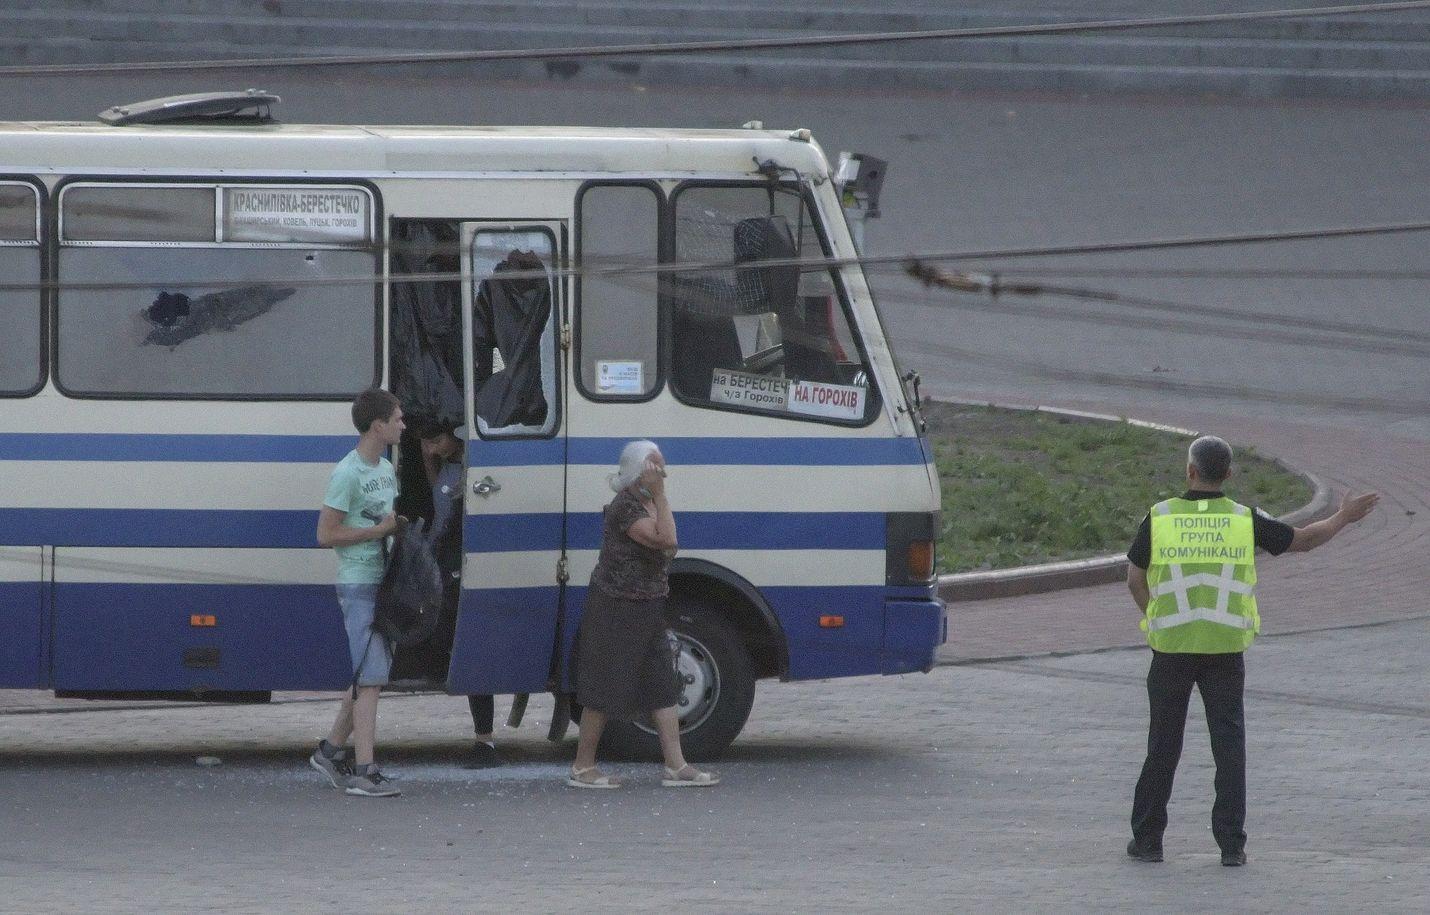 Poliisi ohjasi kolme ensiksi vapautettua panttivankia pois kaapatusta linja-autosta.